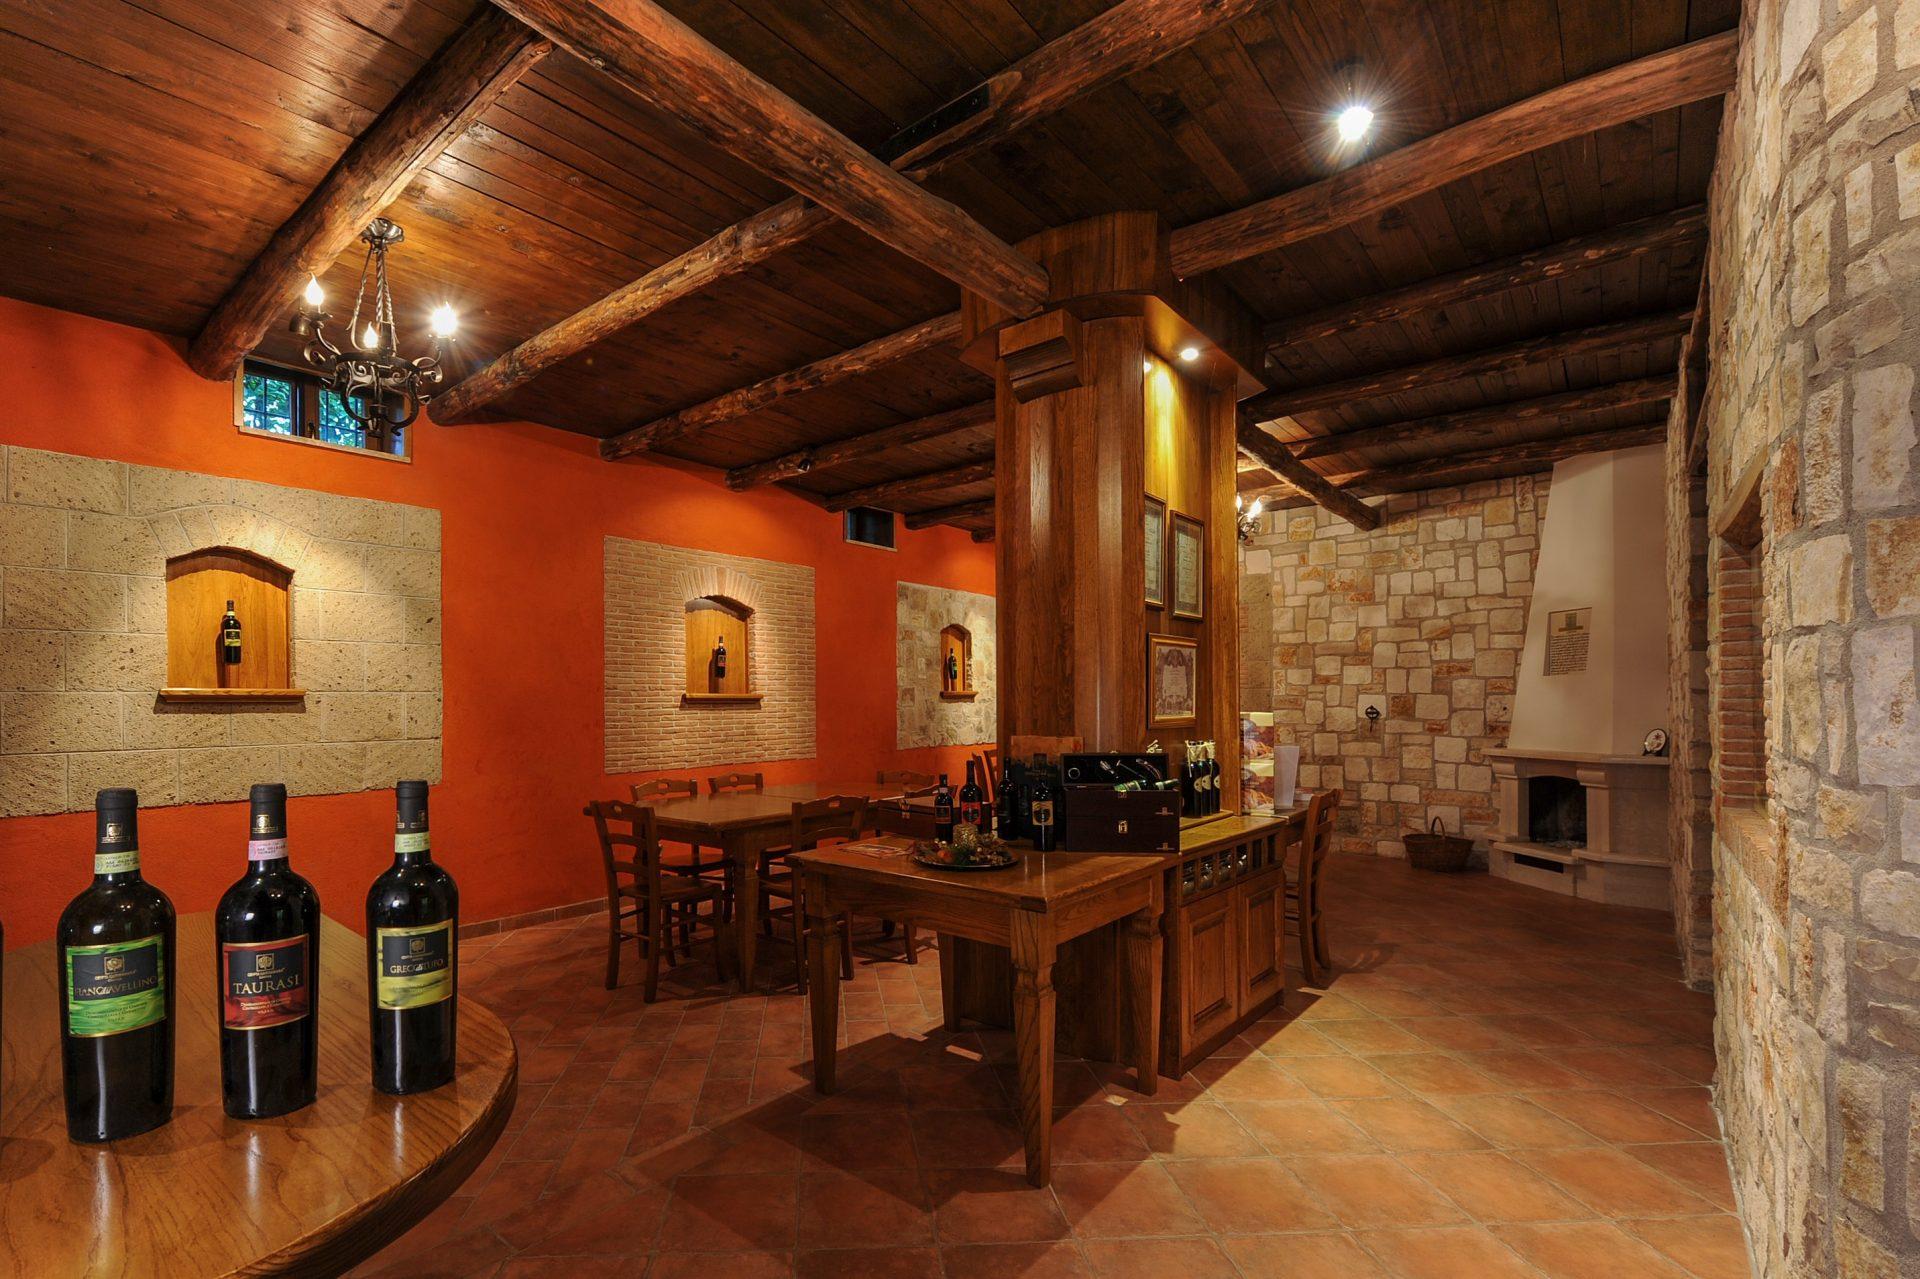 La Sala Degustazione Vini è un luogo accogliente in cui seduti comodamente potrete degustare e confrontarvi sui grandi vini campani